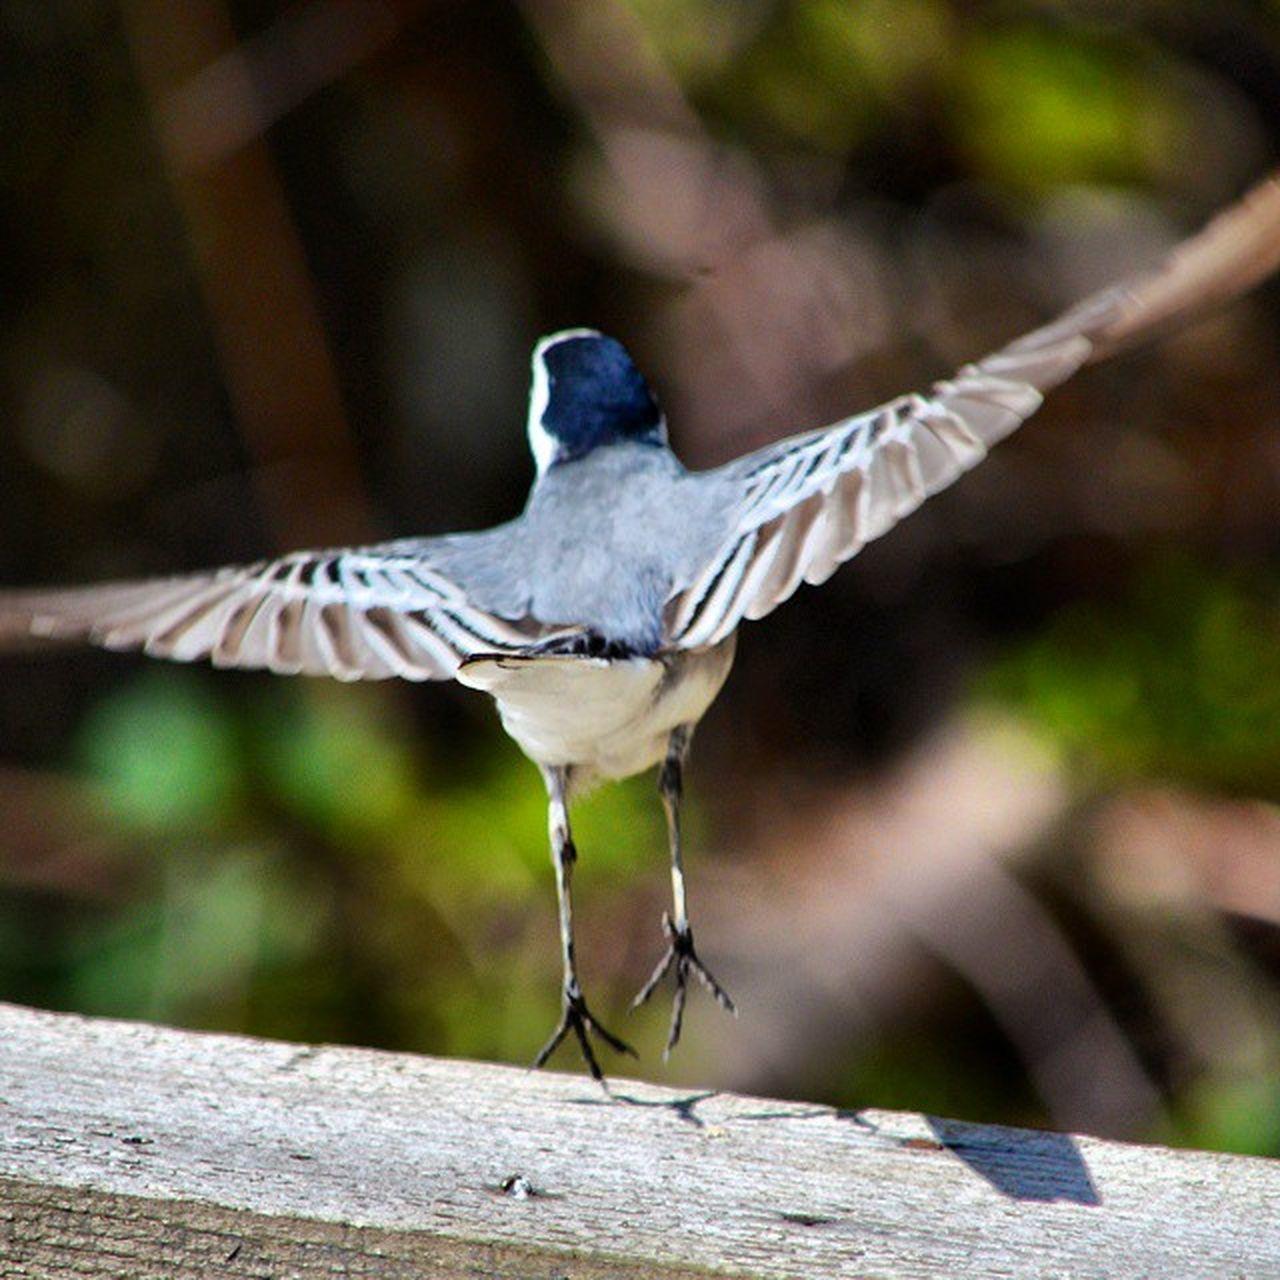 Taking off! Bird Birdflying Birdfreaks Instabird Flyingbird Instabirds Nature_perfection Nature Naturelovers